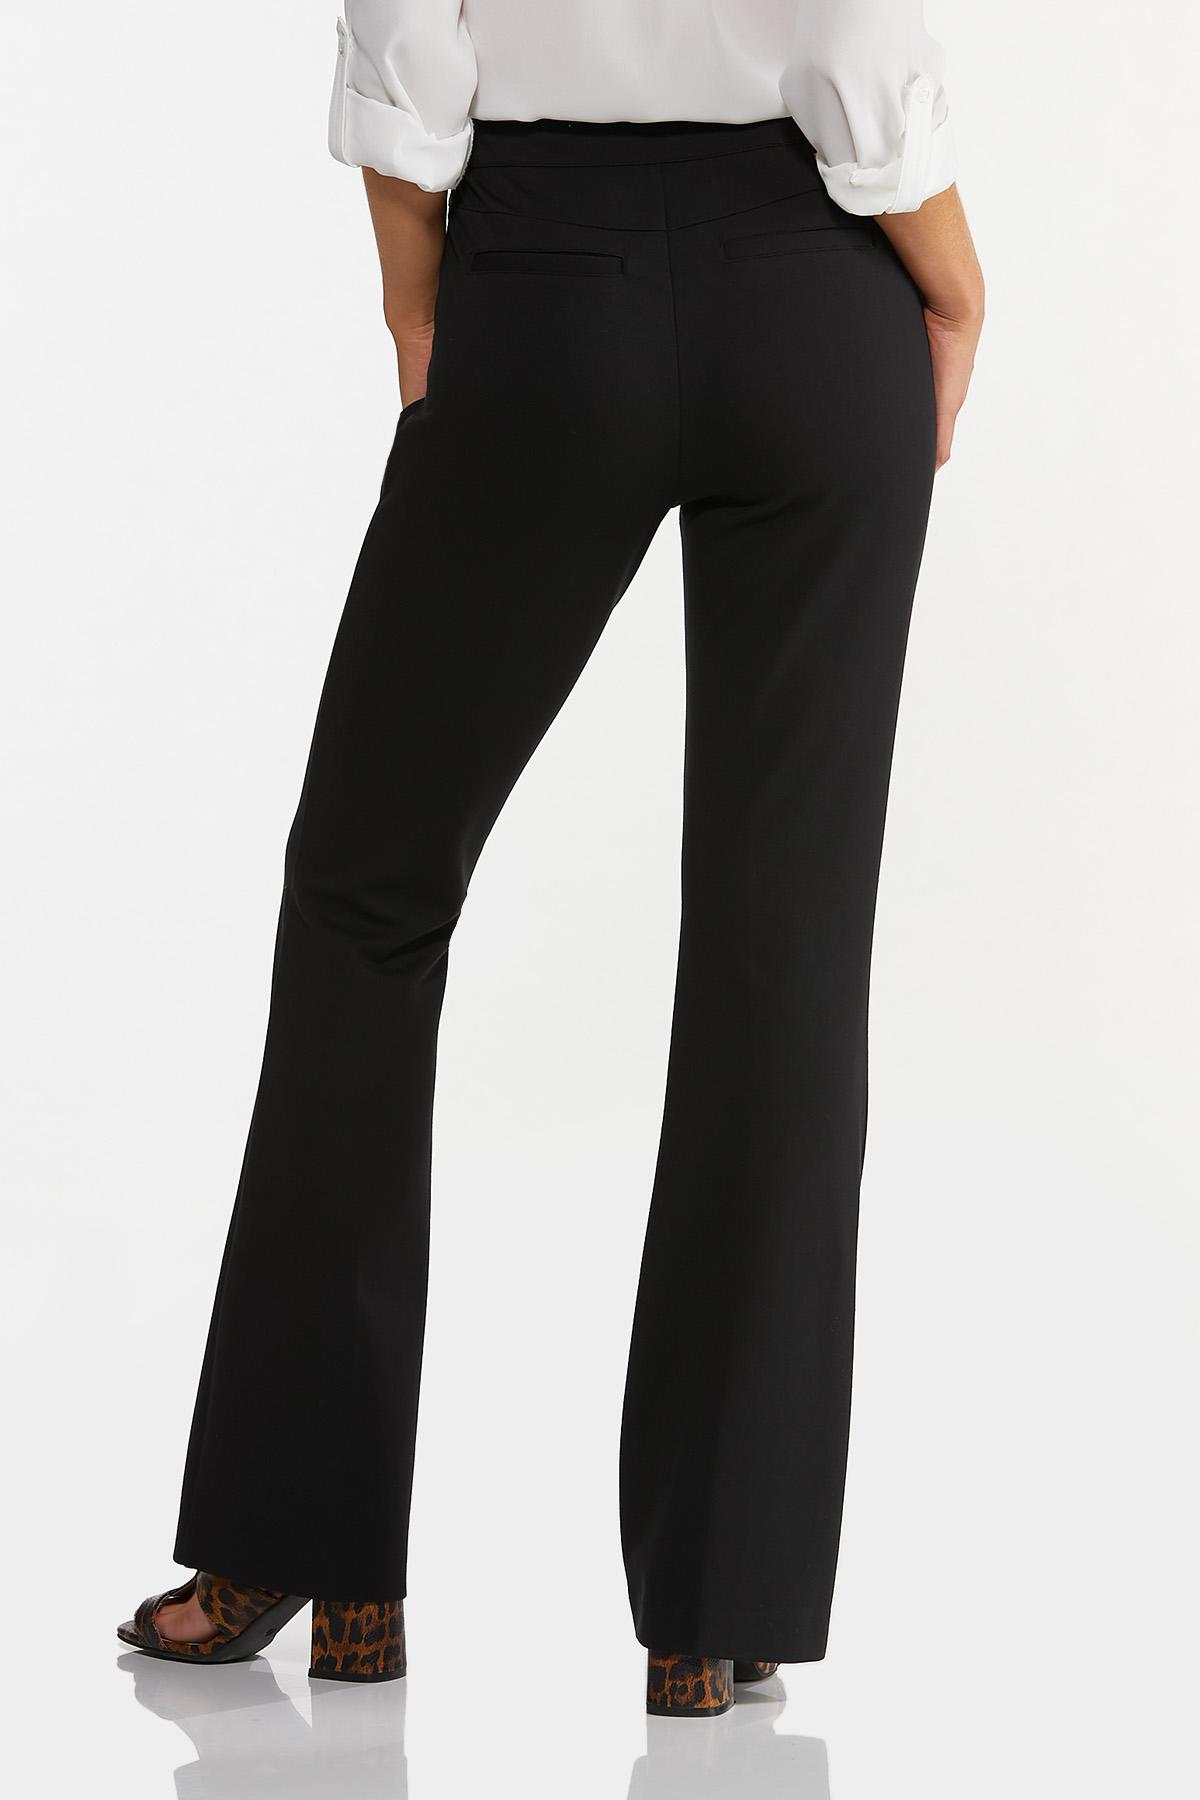 Pintucked Ponte Pants (Item #44640503)